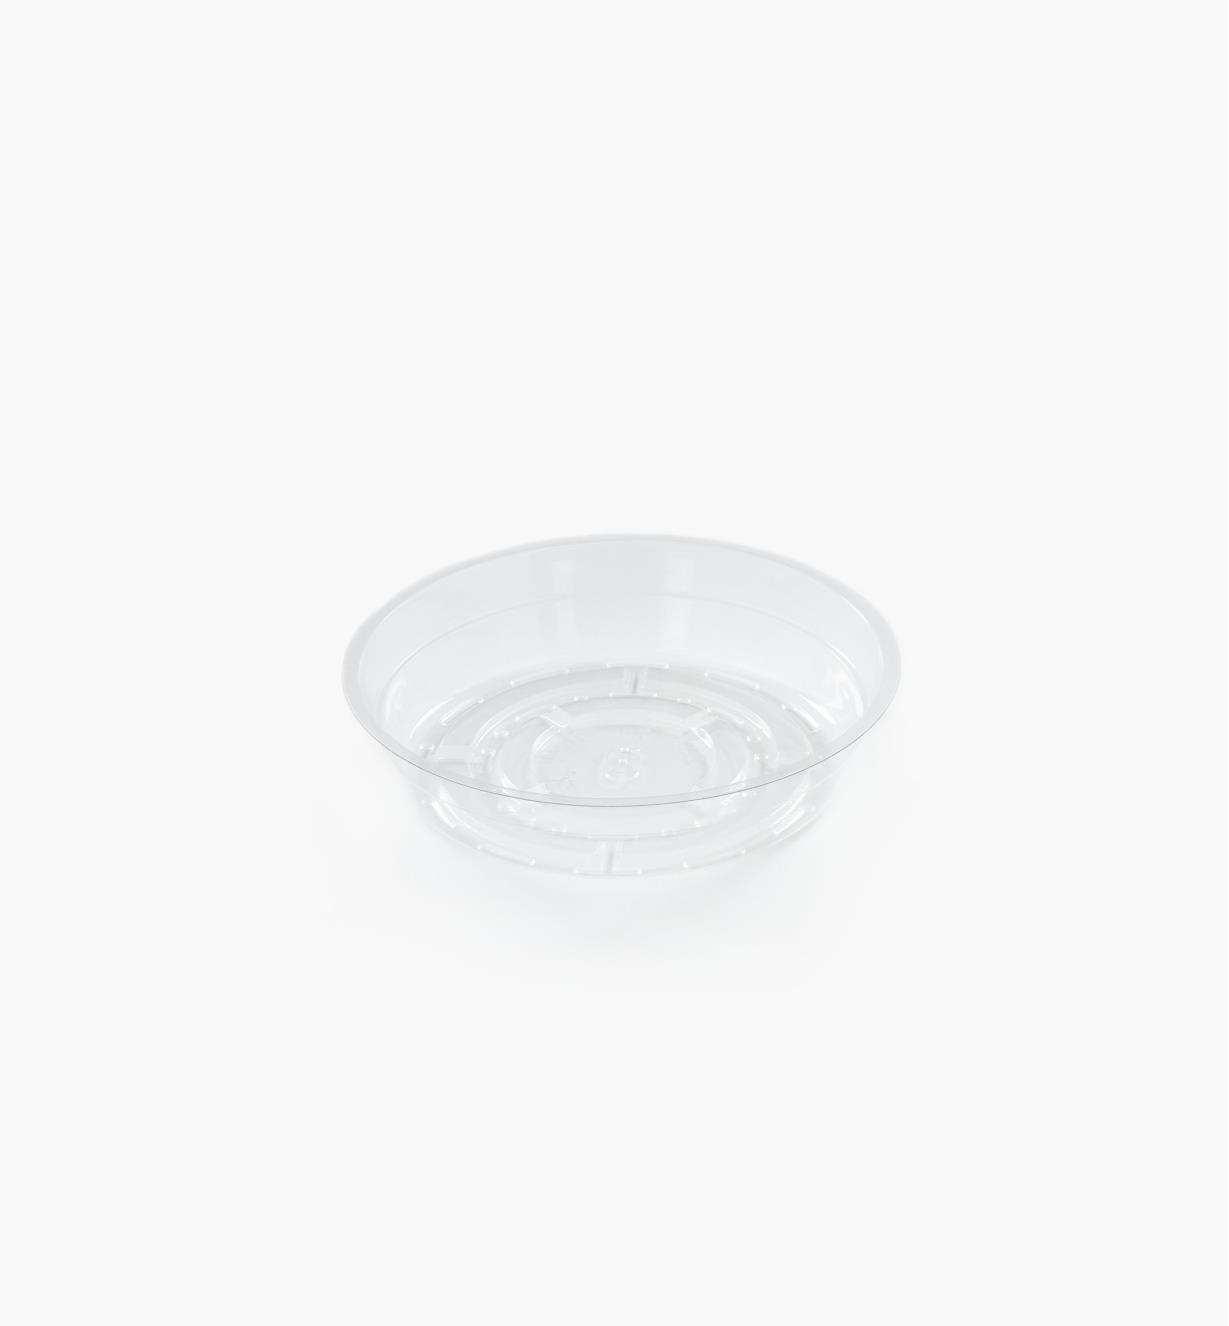 EA821 - Sous-pot classique transparent, 6po